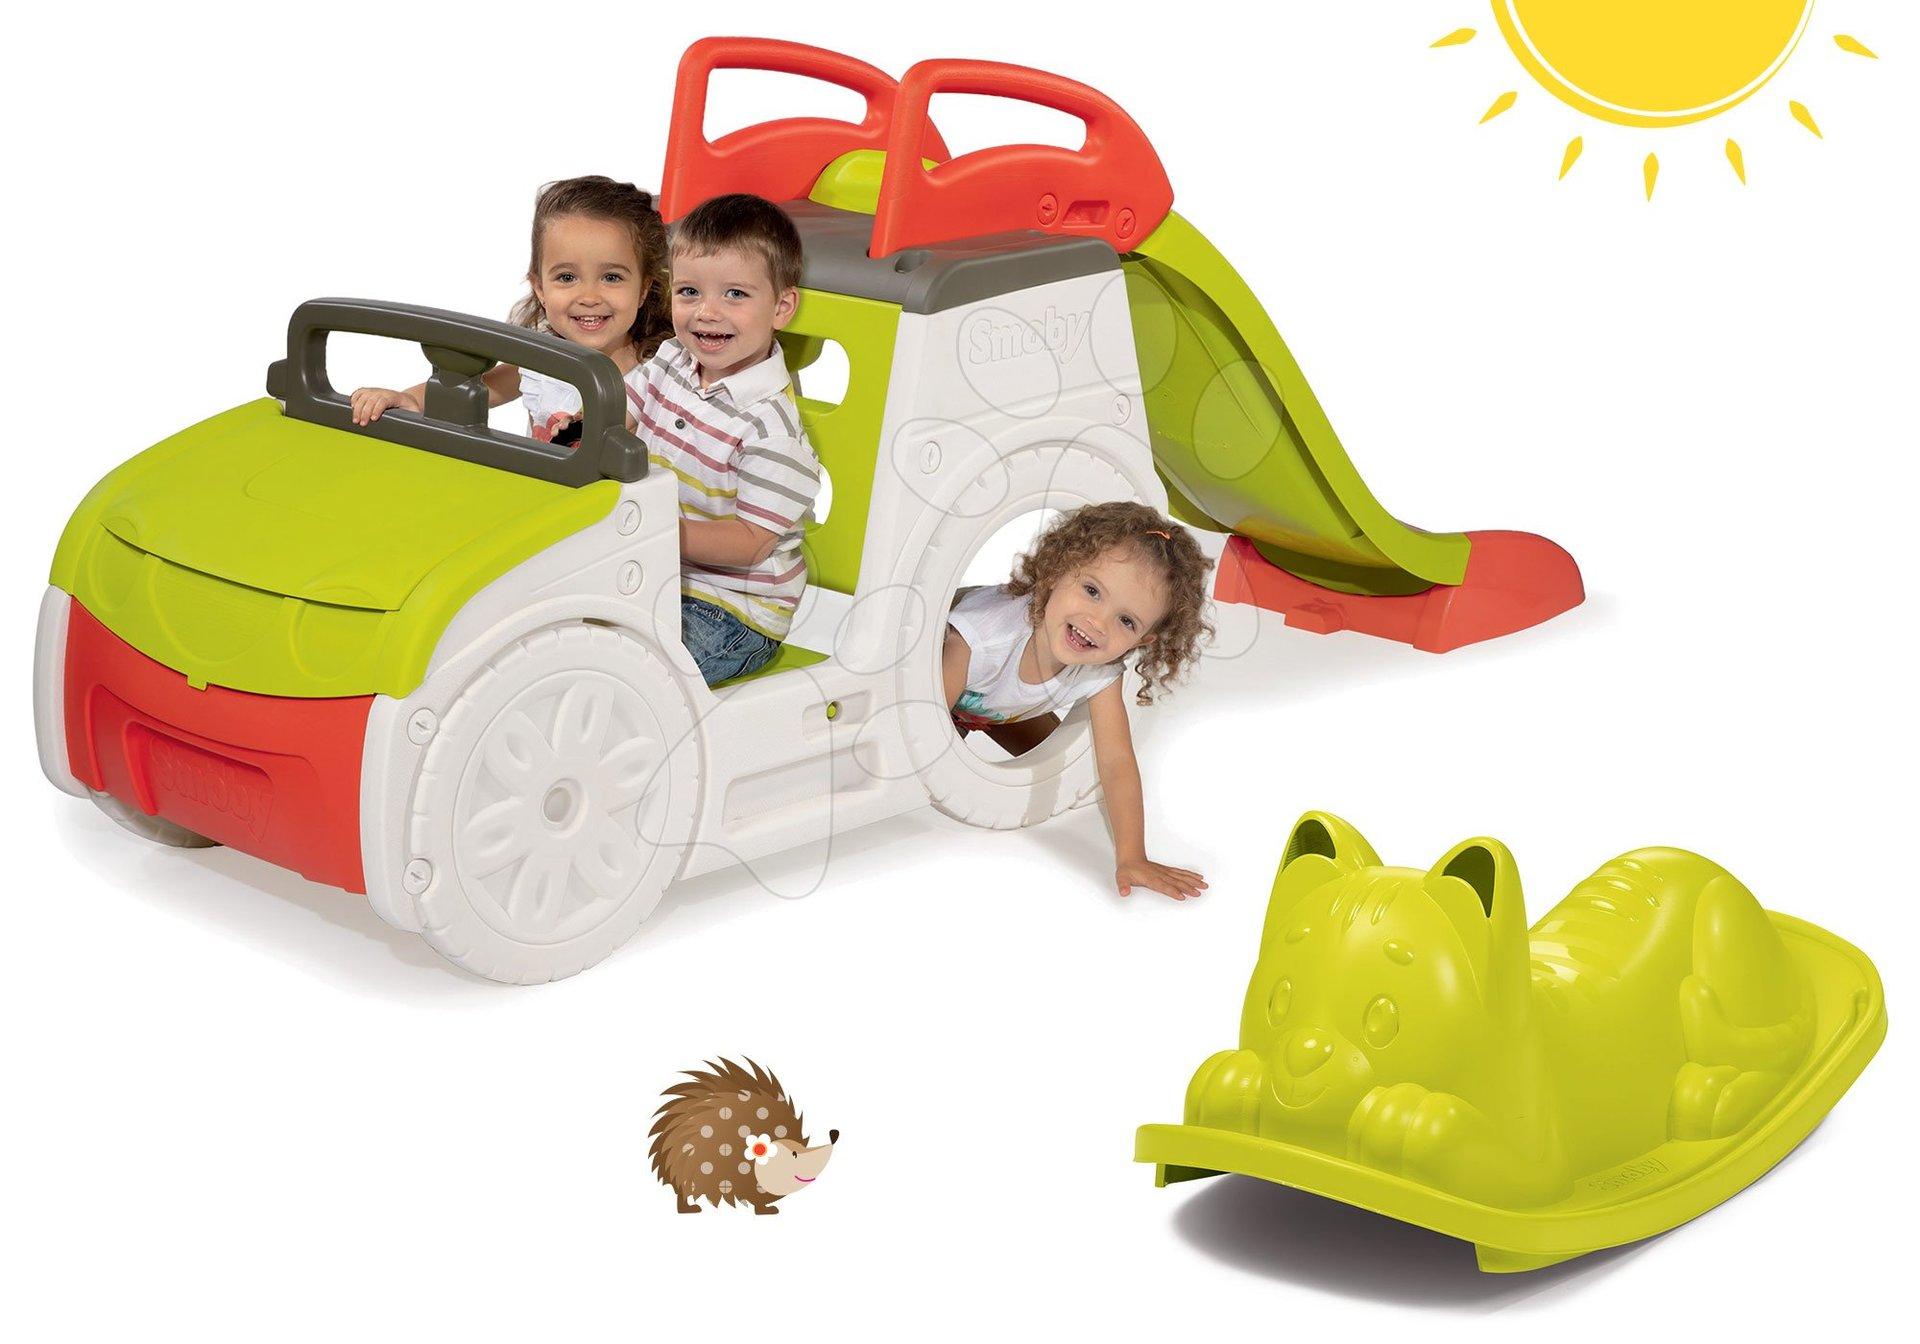 Set prolézačka Adventure Car Smoby se skluzavkou a zelená houpačka Kocour od 24 měsíců